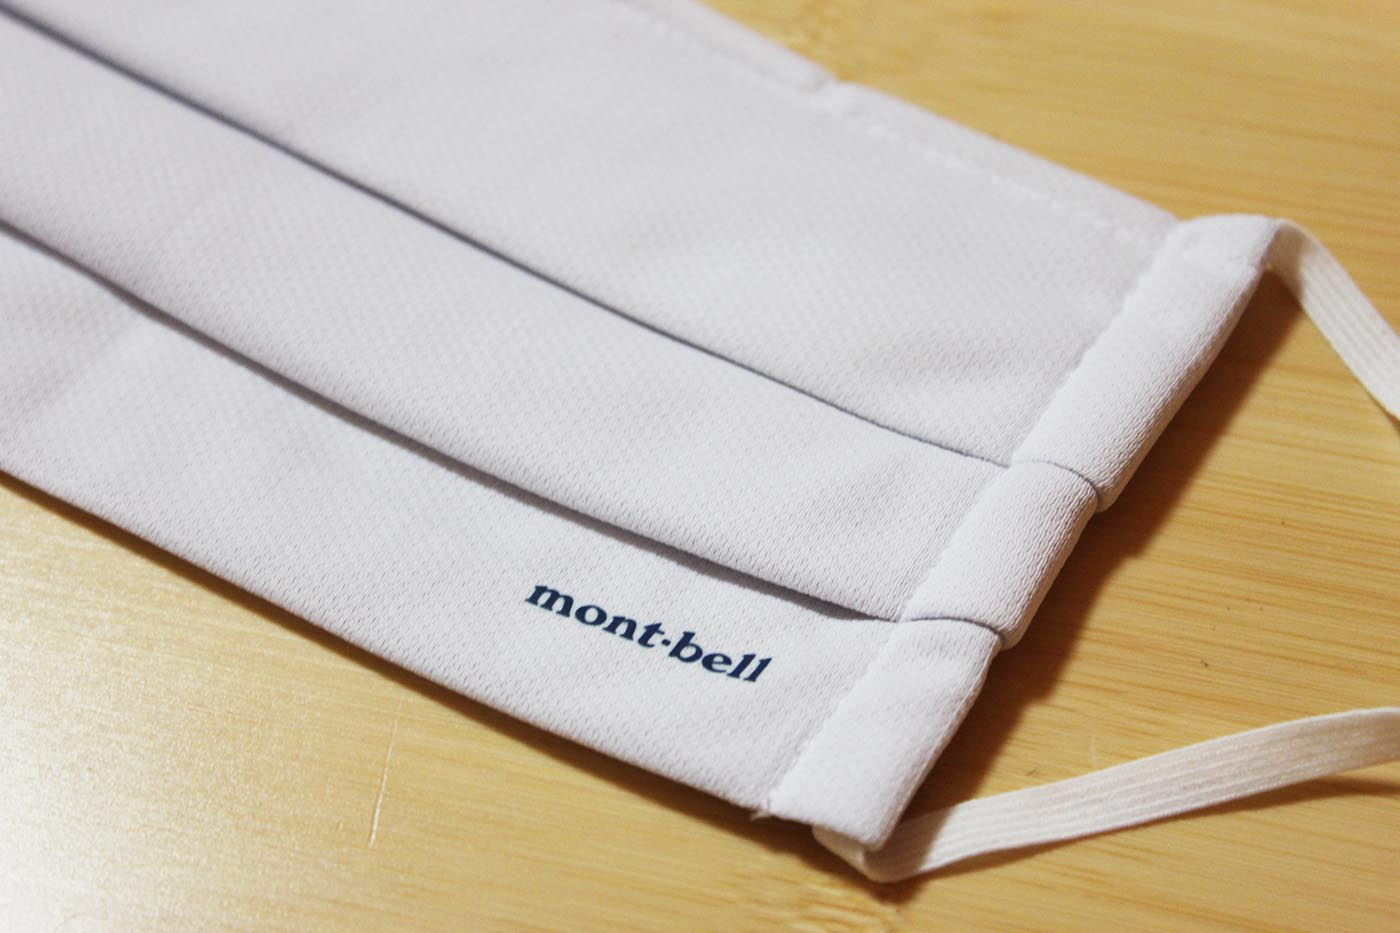 mont-bell(モンベル)ウィックロン・ポケマスクが届きました